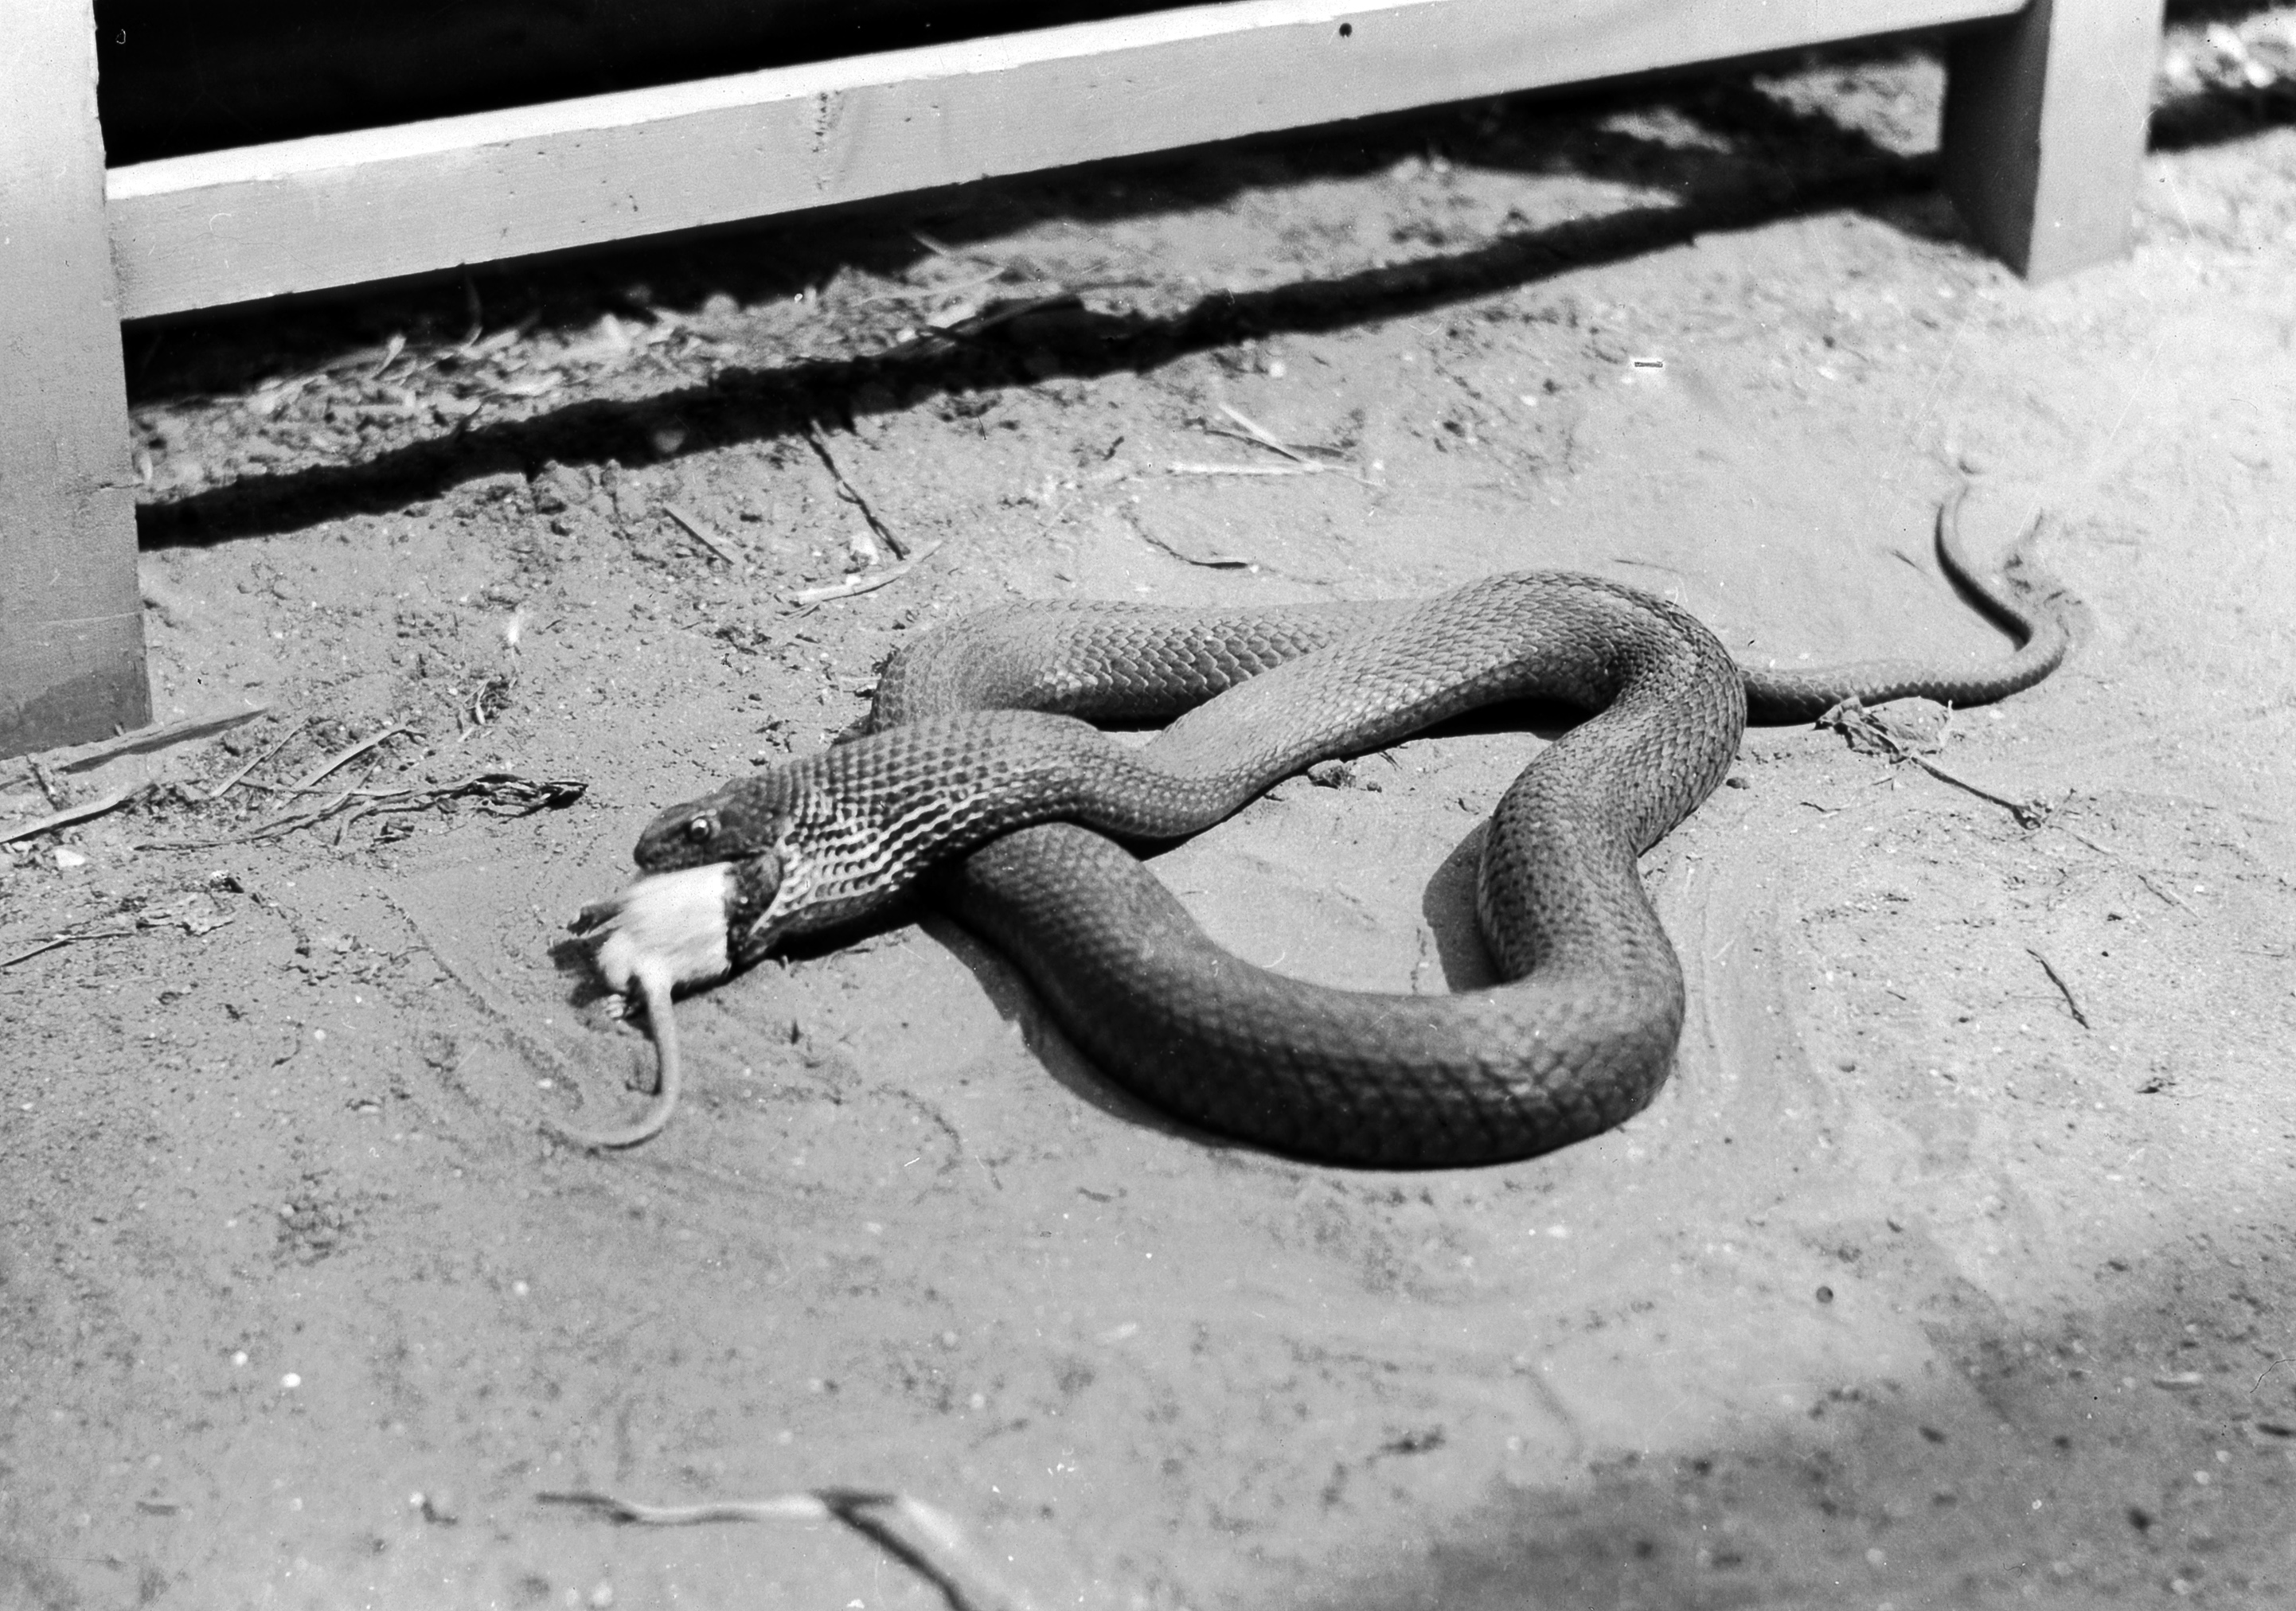 Description Snake eating mouse.jpg